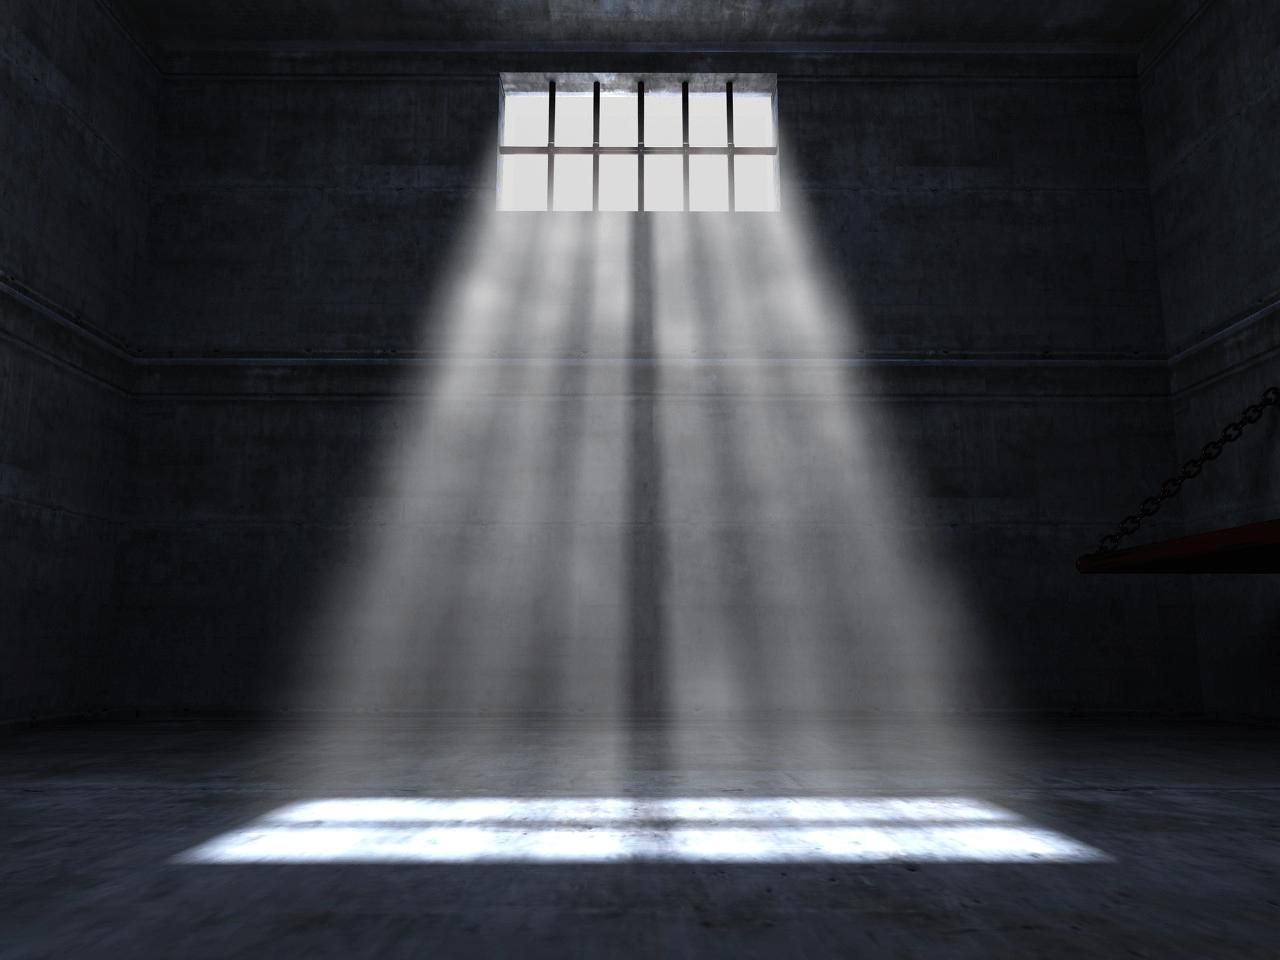 新年首个工作日,四名副部级高官被处分